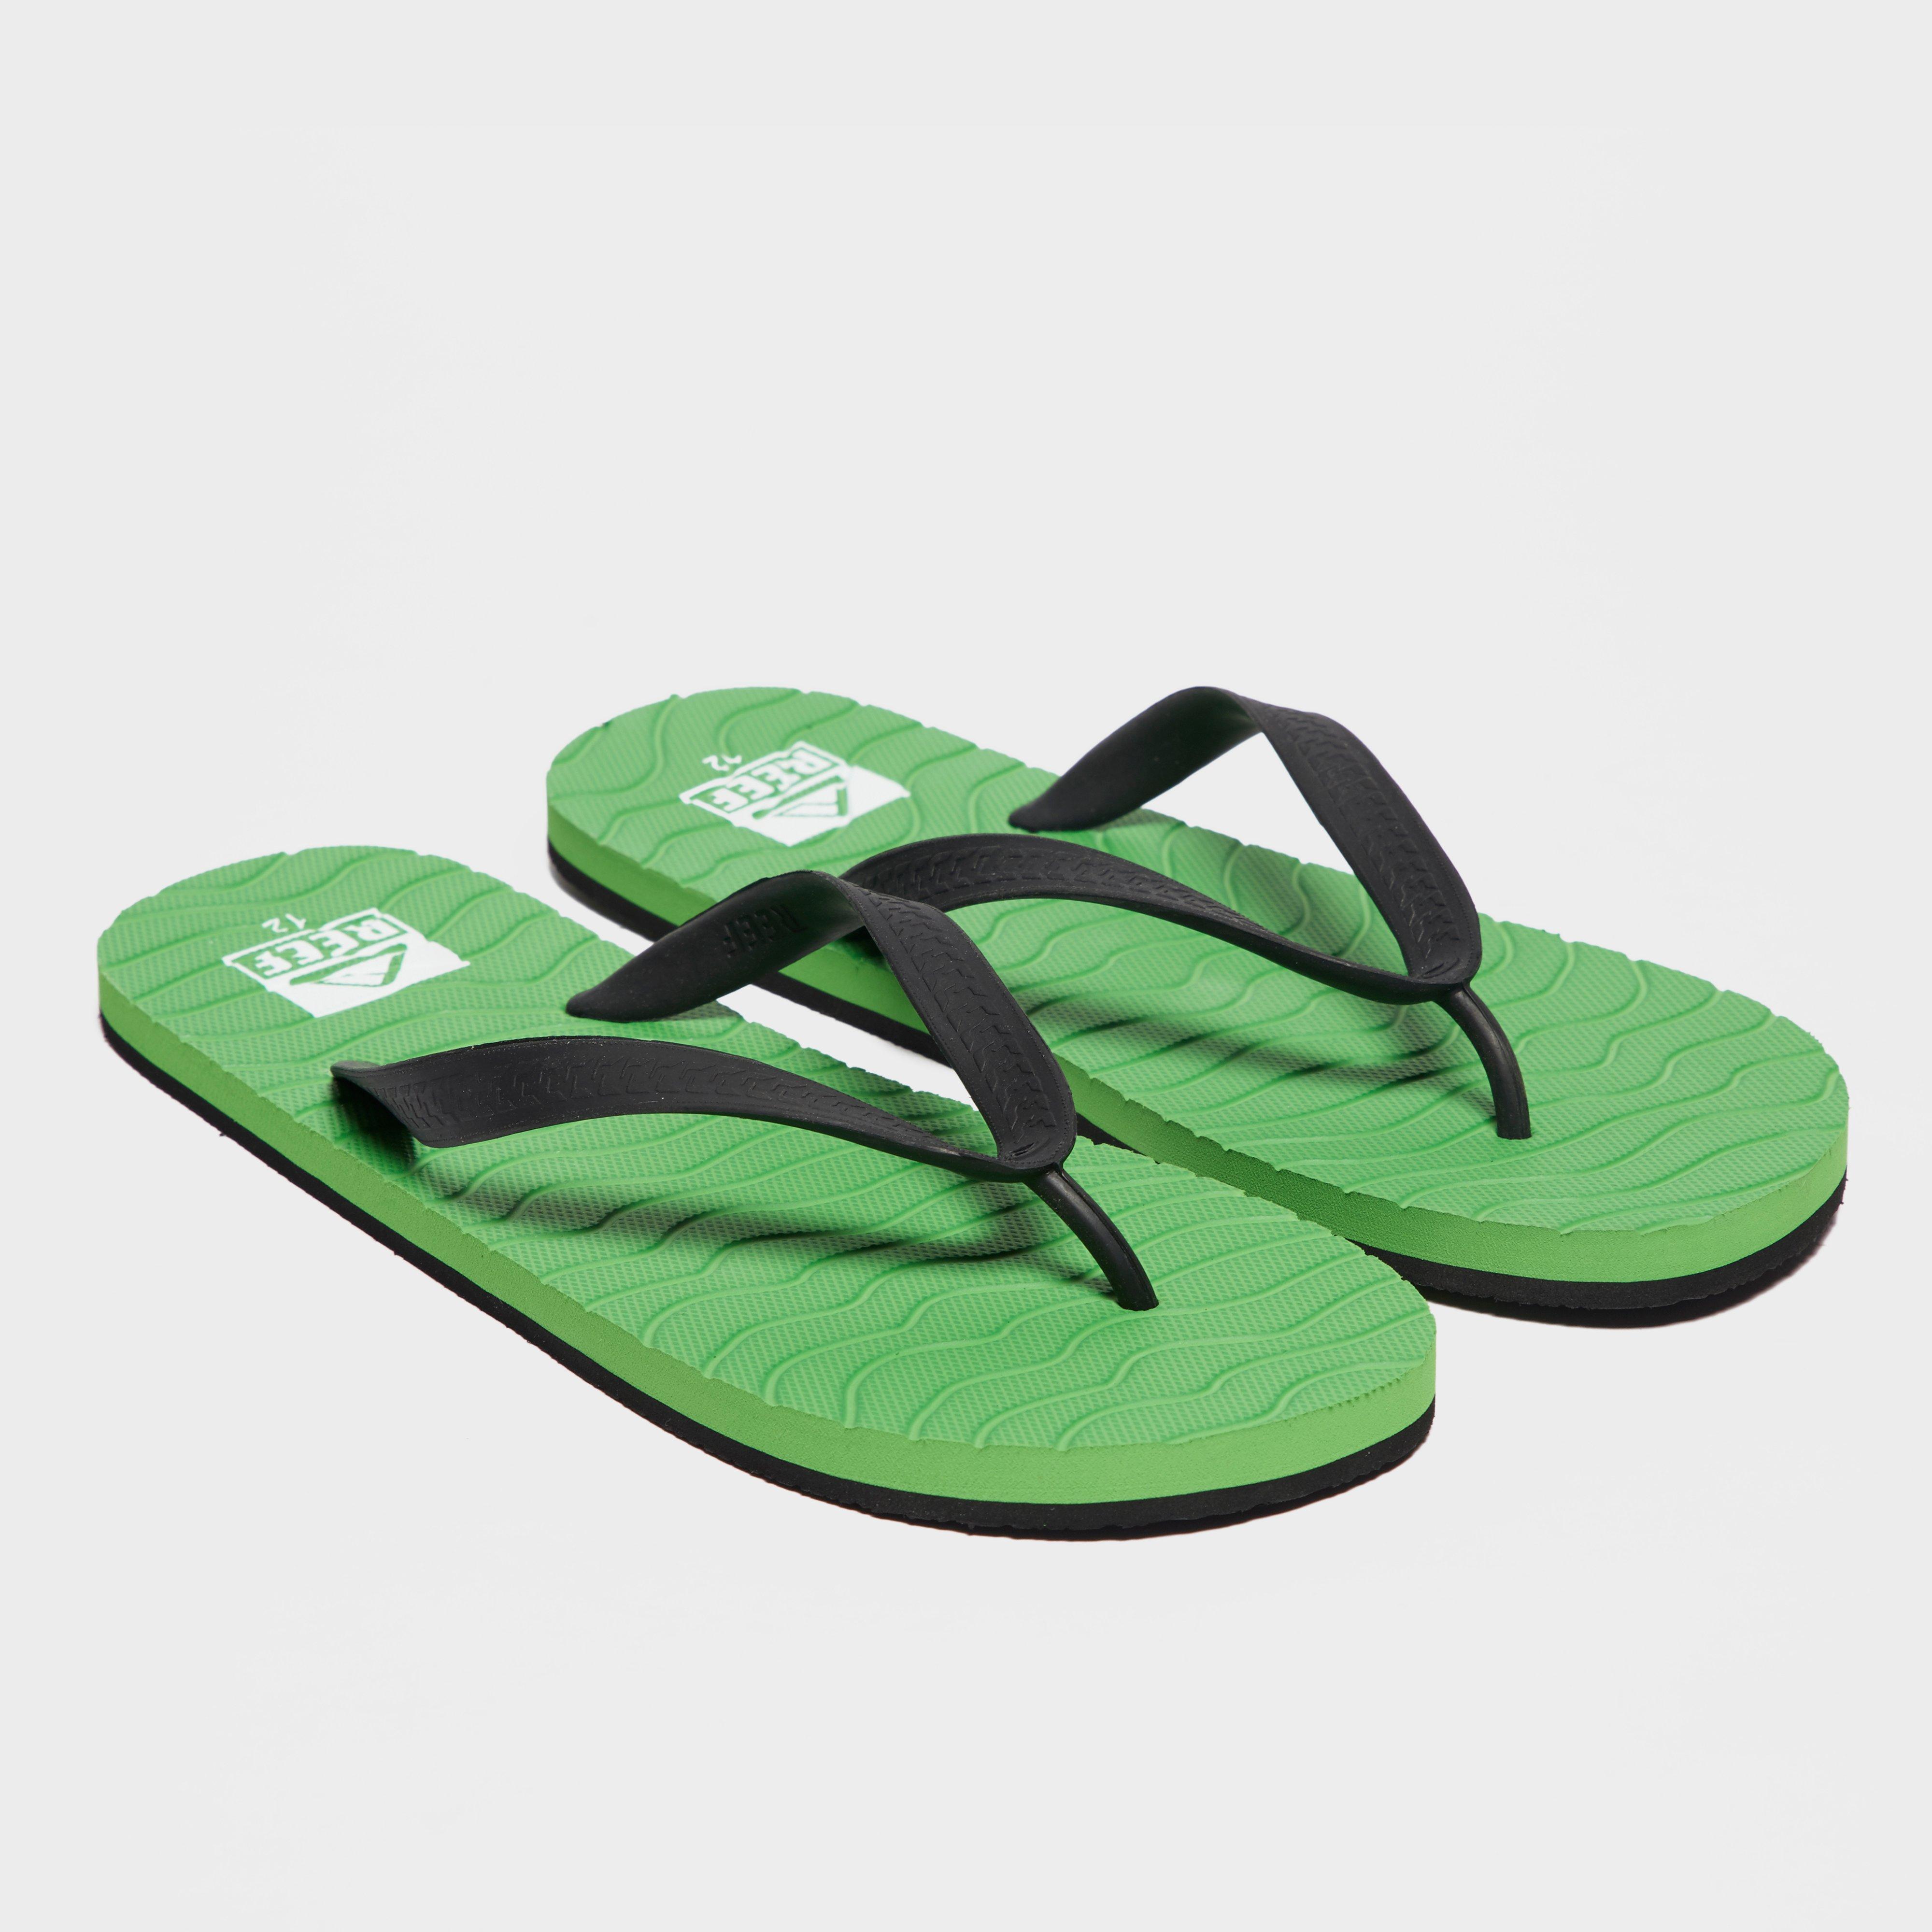 Reef Reef Mens Chipper Sandals - Green, Green